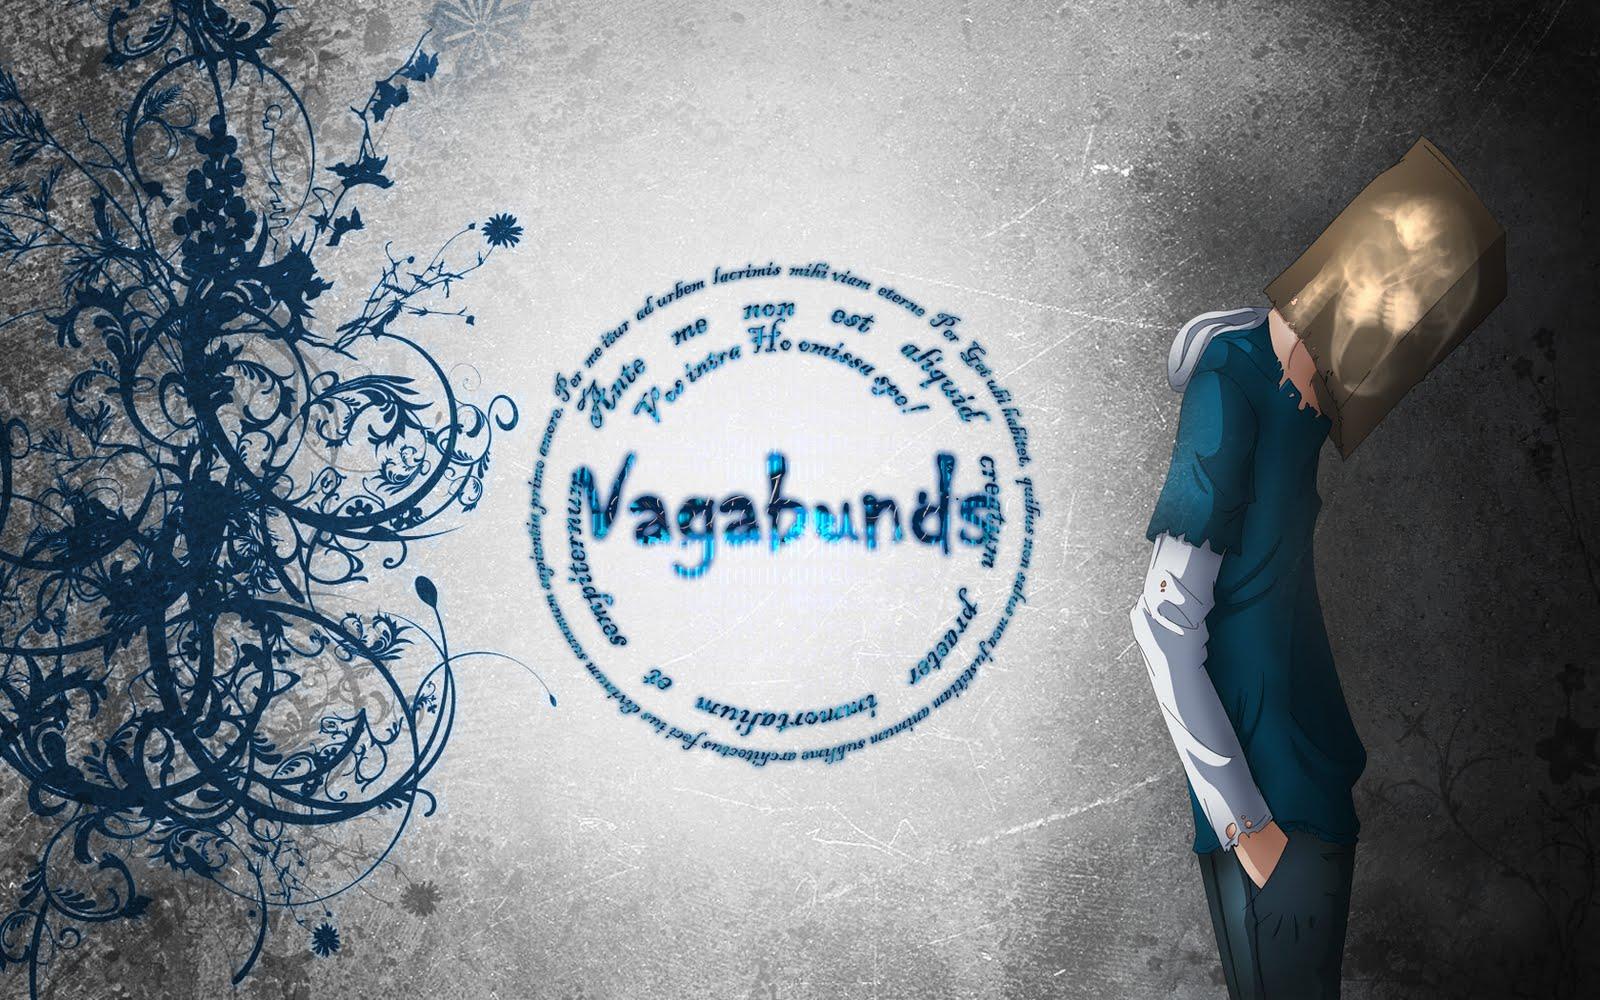 Galeria Vagabunds 36.